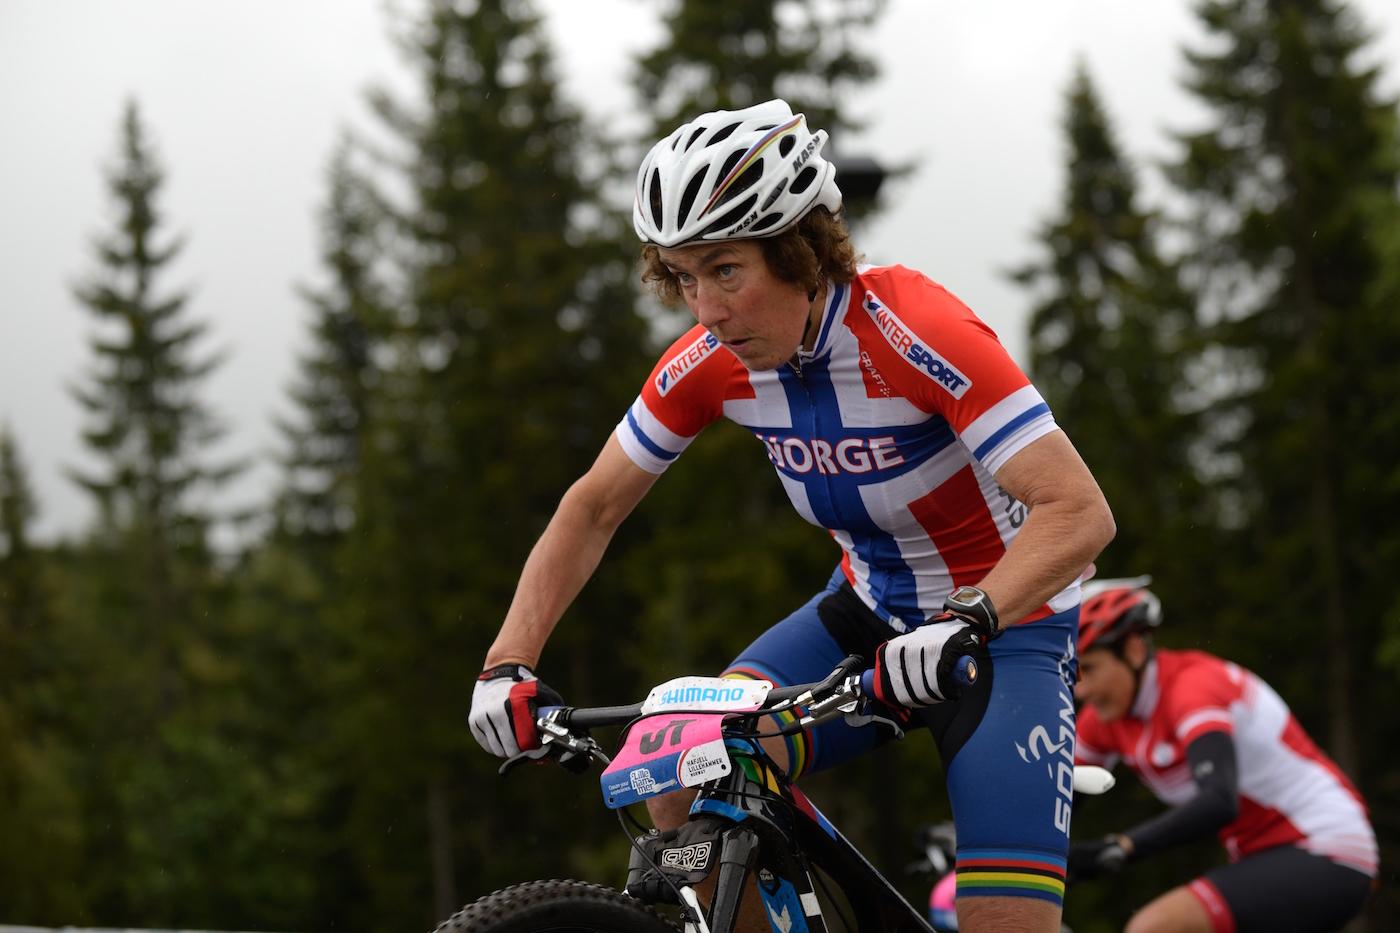 Gjertrud Bø bruker rulla mye i treningsarbeidet hele året, og ofte som oppvarming til ritt. Her fra masters-VM på Lillehammer i 2014. Foto: Kent Murdoch